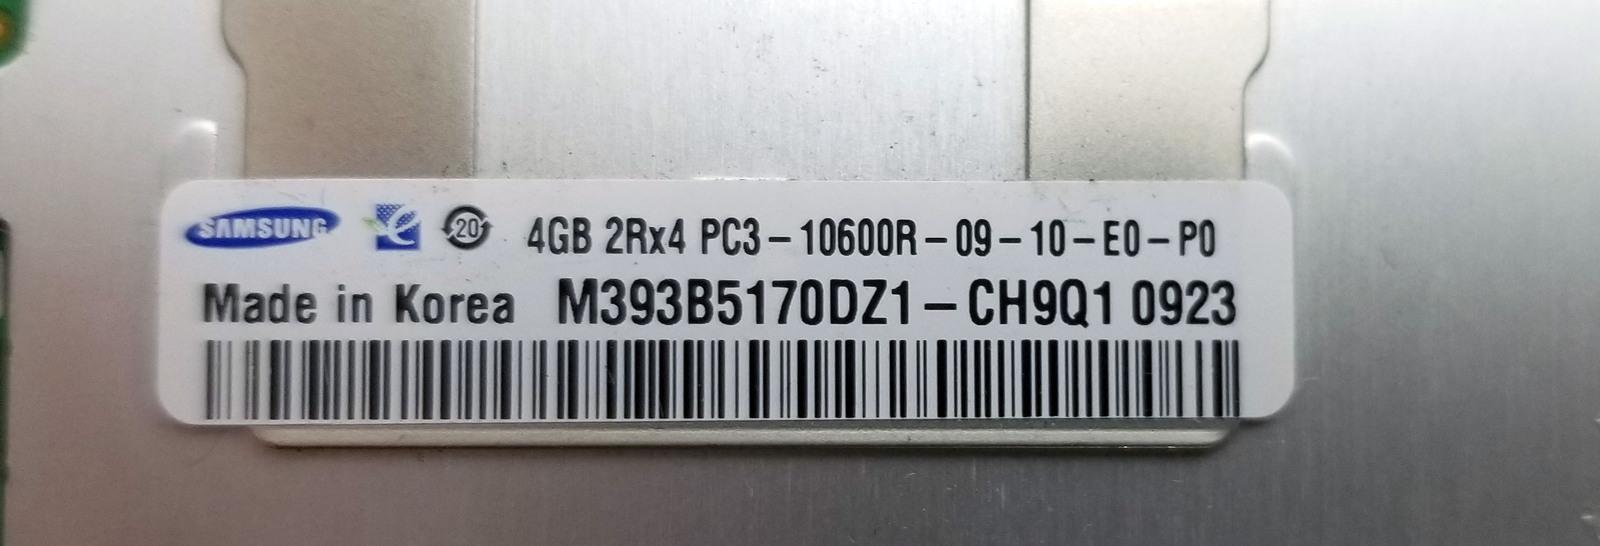 Samsung 4GB 2Rx4 PC3-10600R Server RAM (M393B5170EH1-CH9) Bin:1